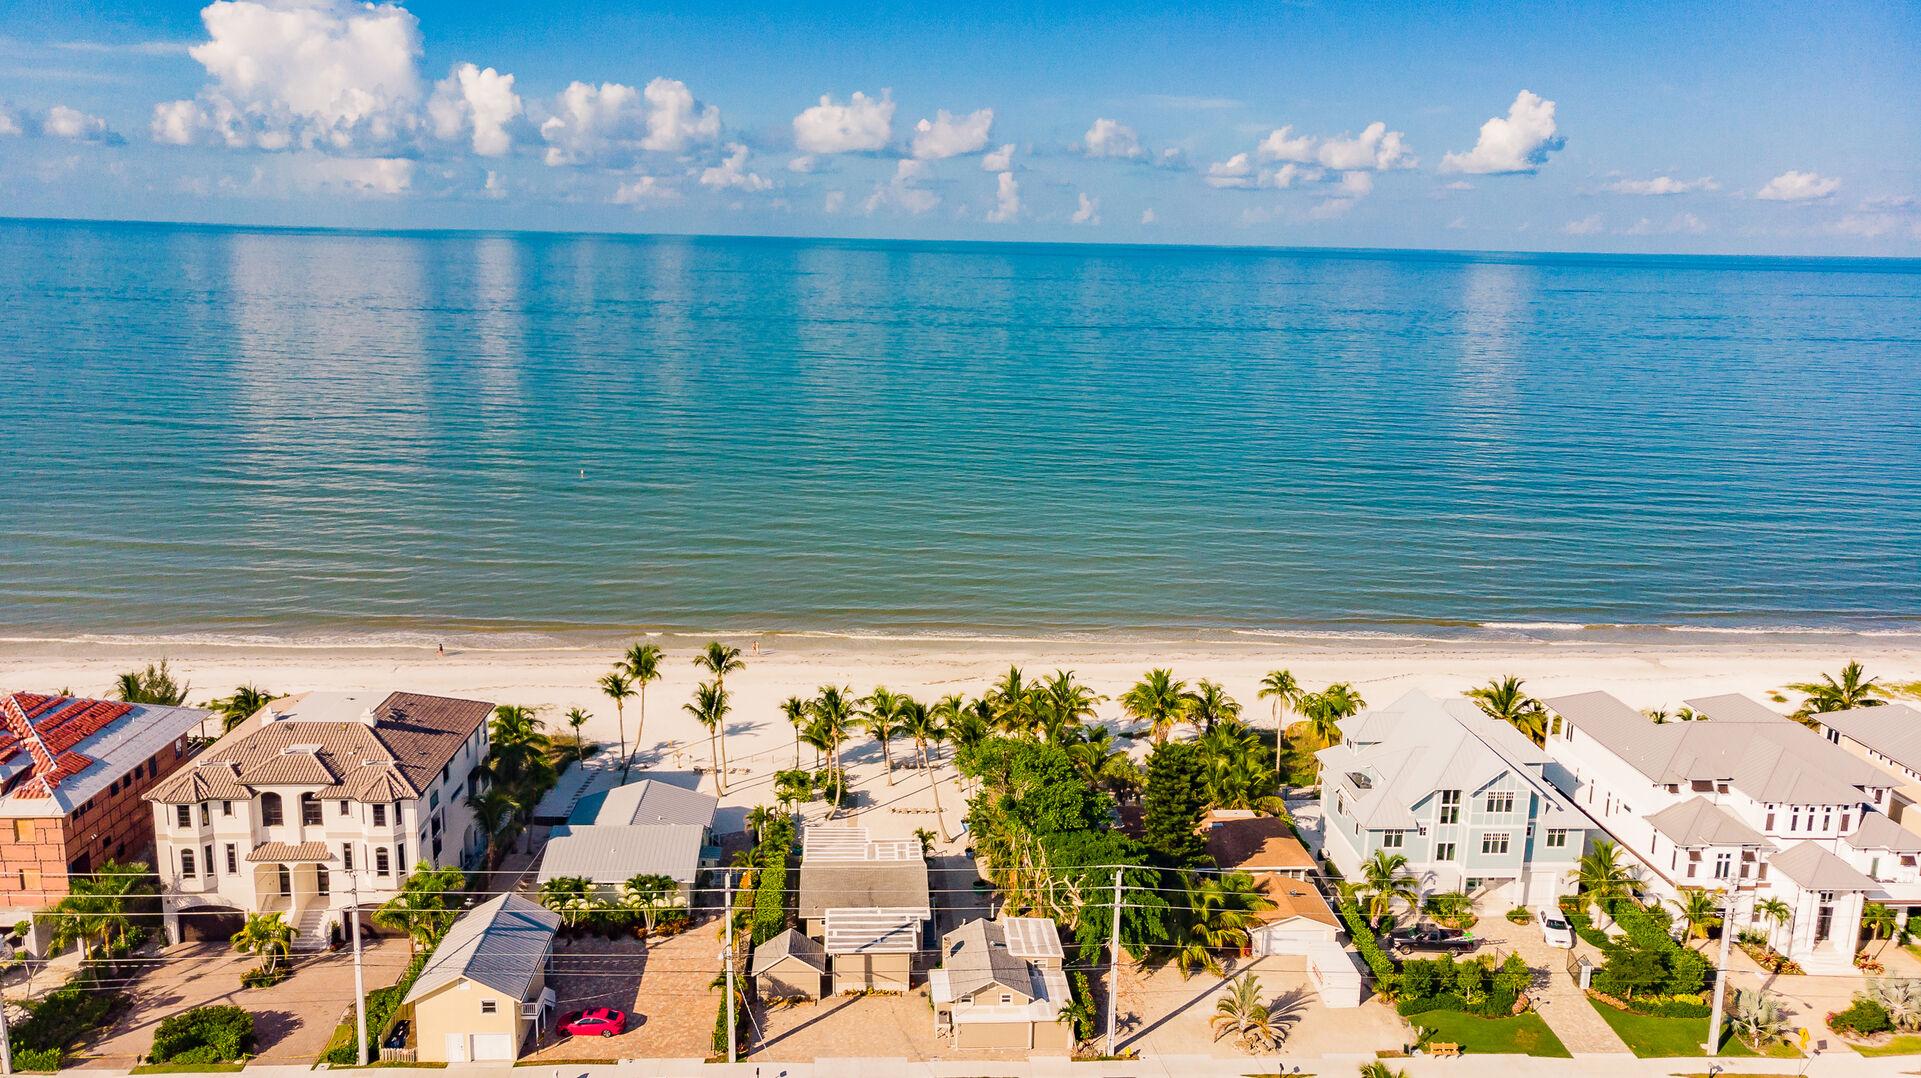 Aerial Beach View Private Beach House Rental in Florida